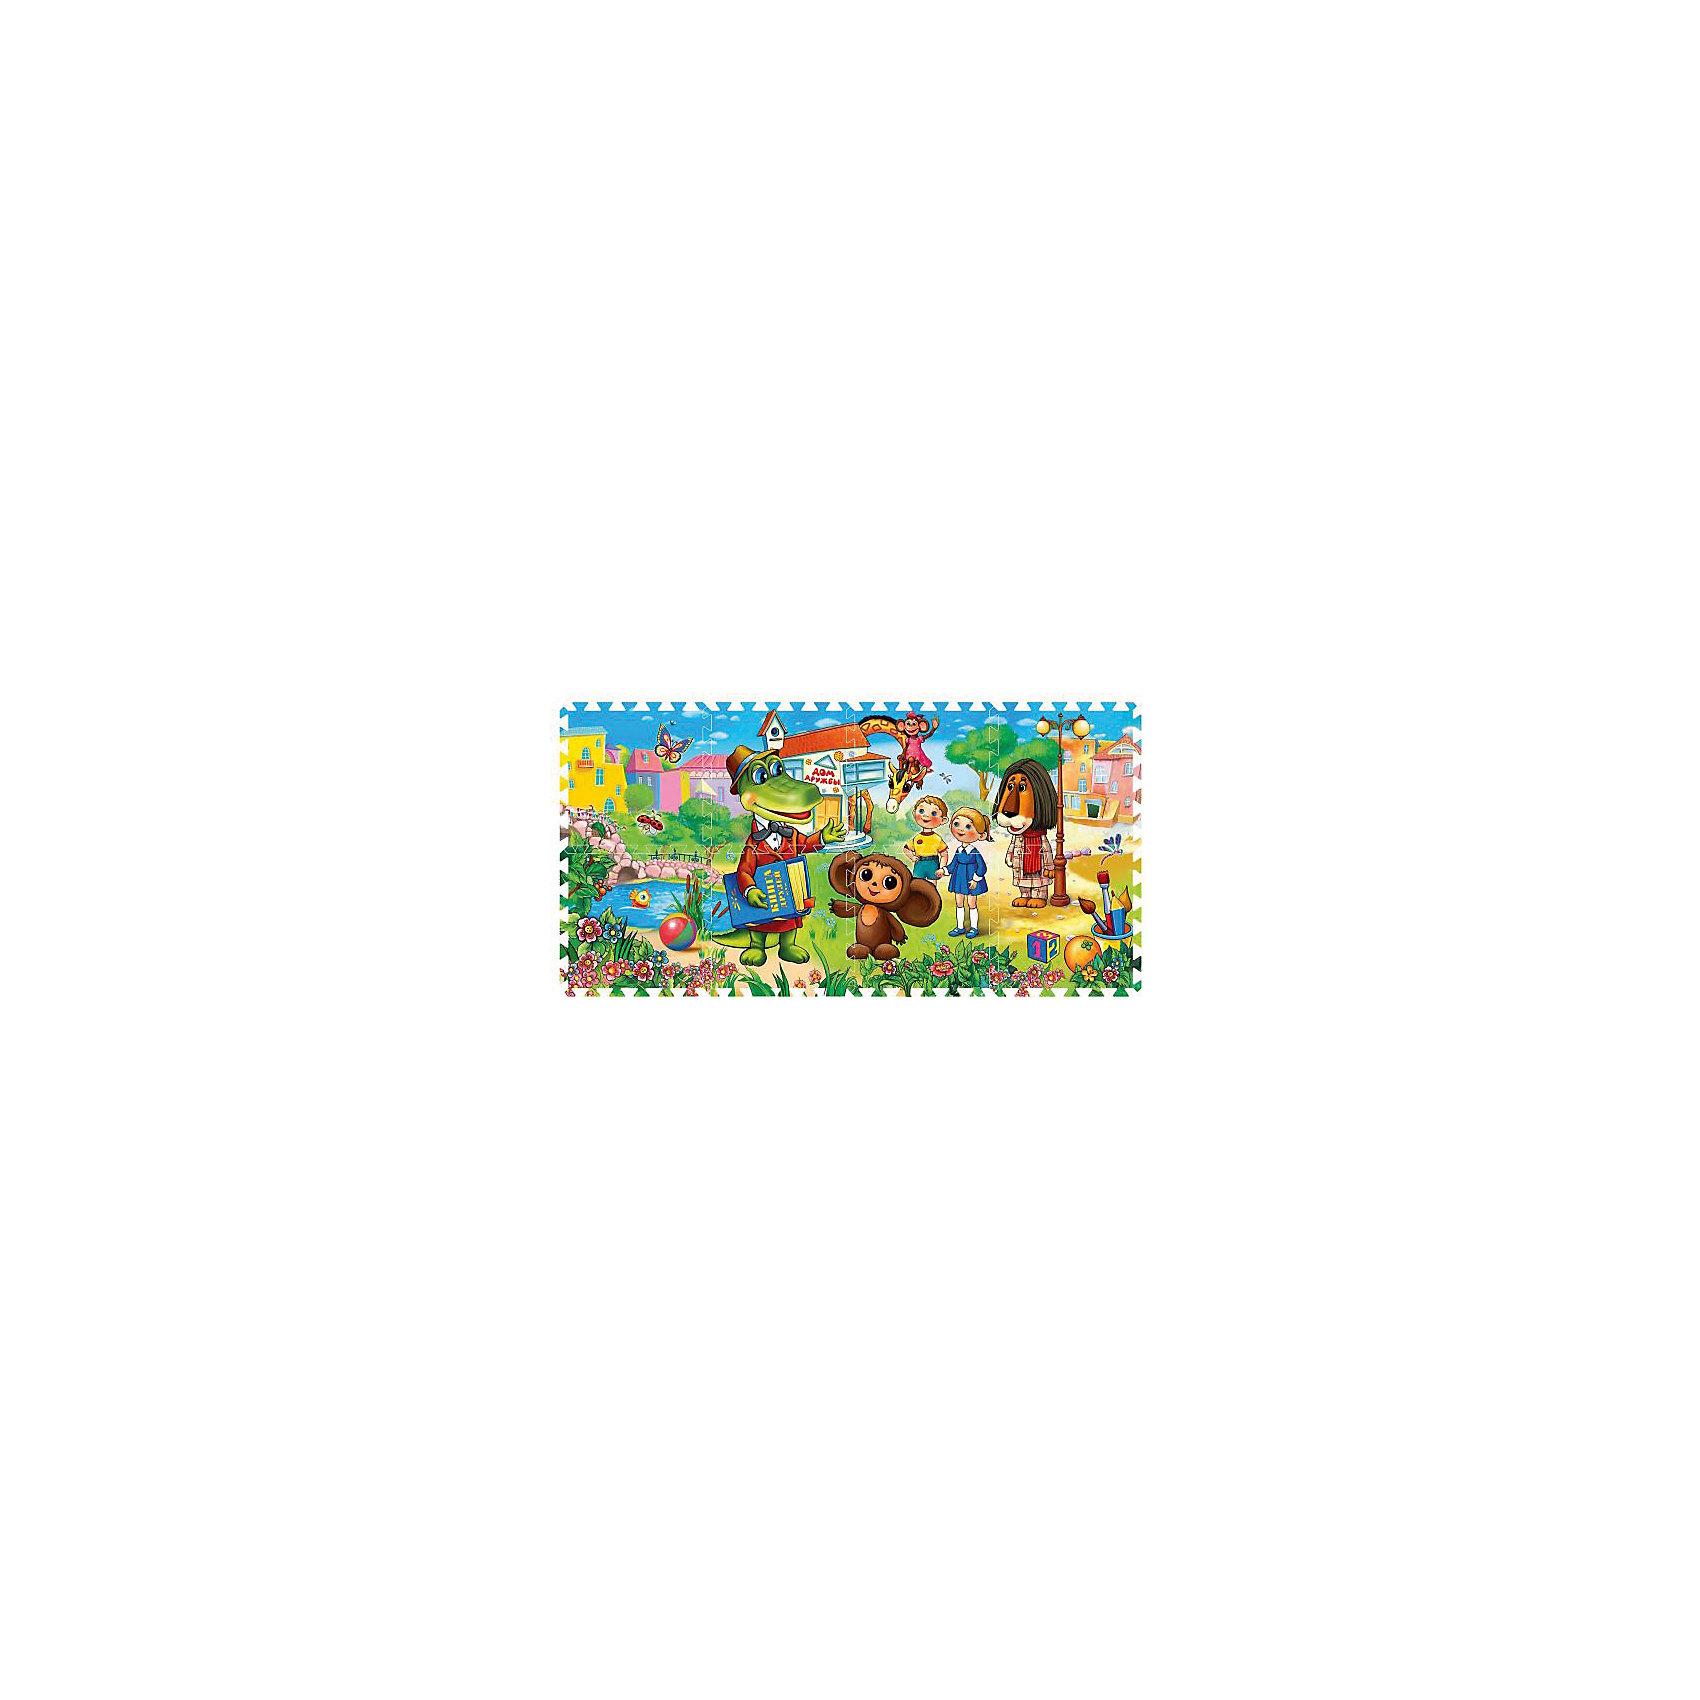 Коврик-пазл Чебурашка, Играем вместеКоврик-пазл состоит из 8 элементов и создан по мотивам популярного мультфильма. Коврик выполнен из современного полимерного материала, обладает плотностью и гибкостью, не рвется и служит хорошим теплоизолятором. Каждый сегмент содержит фрагмент изображения, при соединении которых получается целостная картинка. Развивает образно-пространственное мышление, логику, тренирует память, развивает моторику рук.<br><br>Ширина мм: 80<br>Глубина мм: 320<br>Высота мм: 320<br>Вес г: 560<br>Возраст от месяцев: 12<br>Возраст до месяцев: 36<br>Пол: Унисекс<br>Возраст: Детский<br>SKU: 5099048